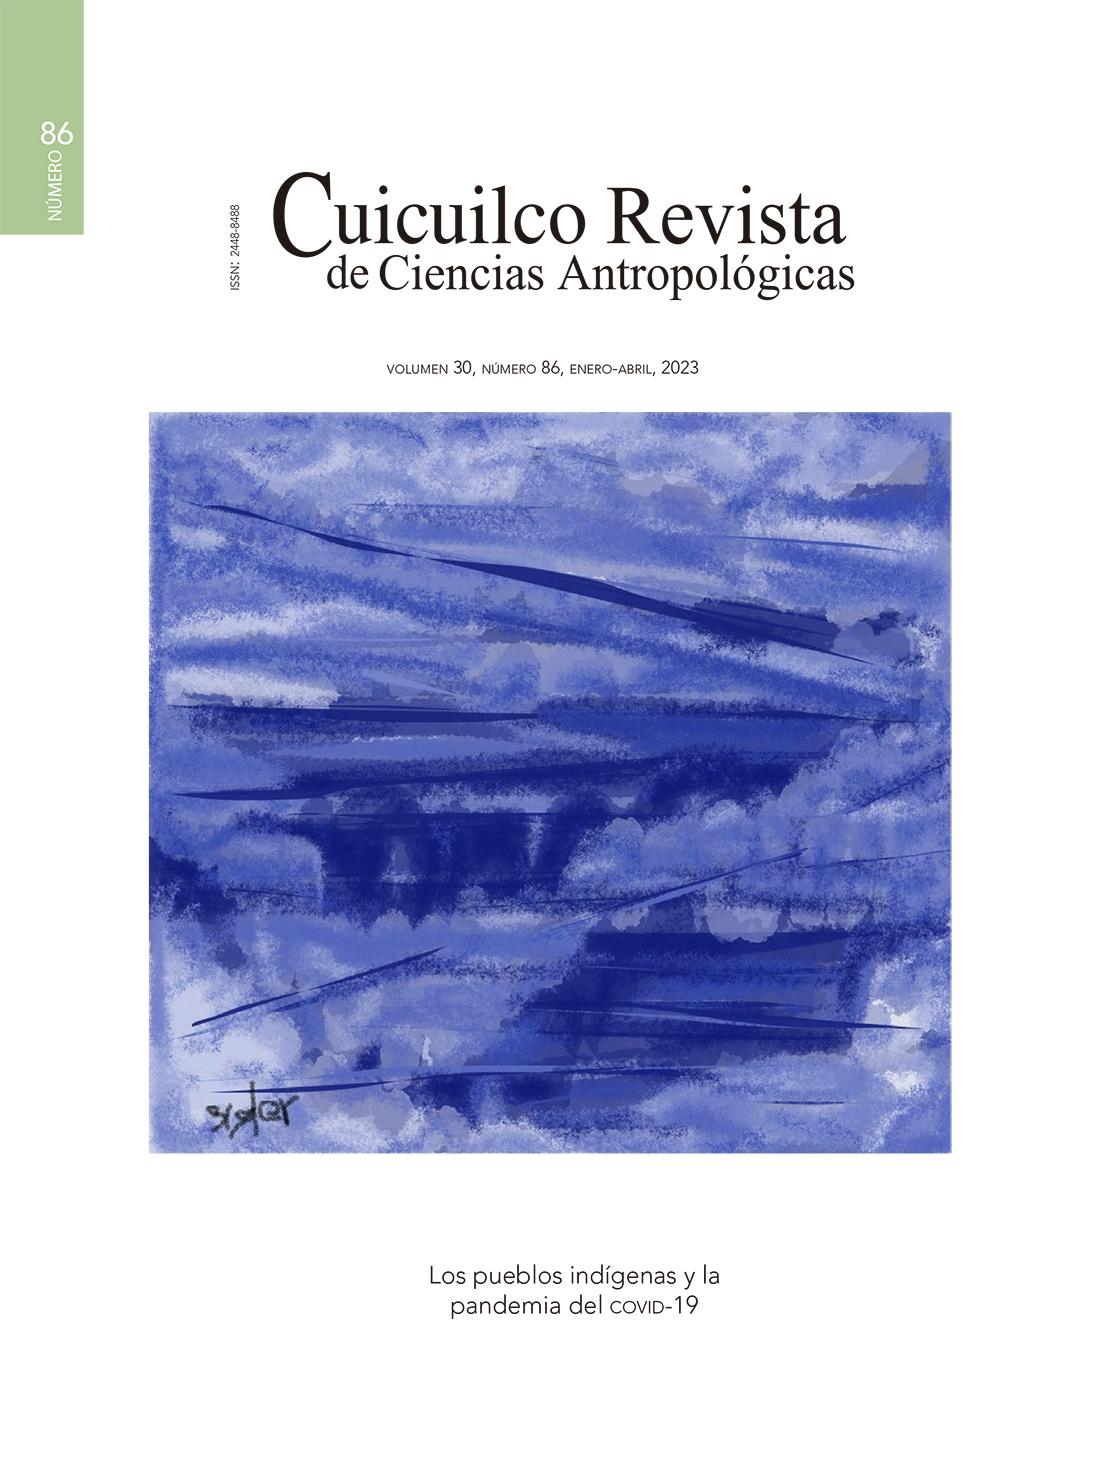 Cuicuilco Revista de Ciencias Antropológicas